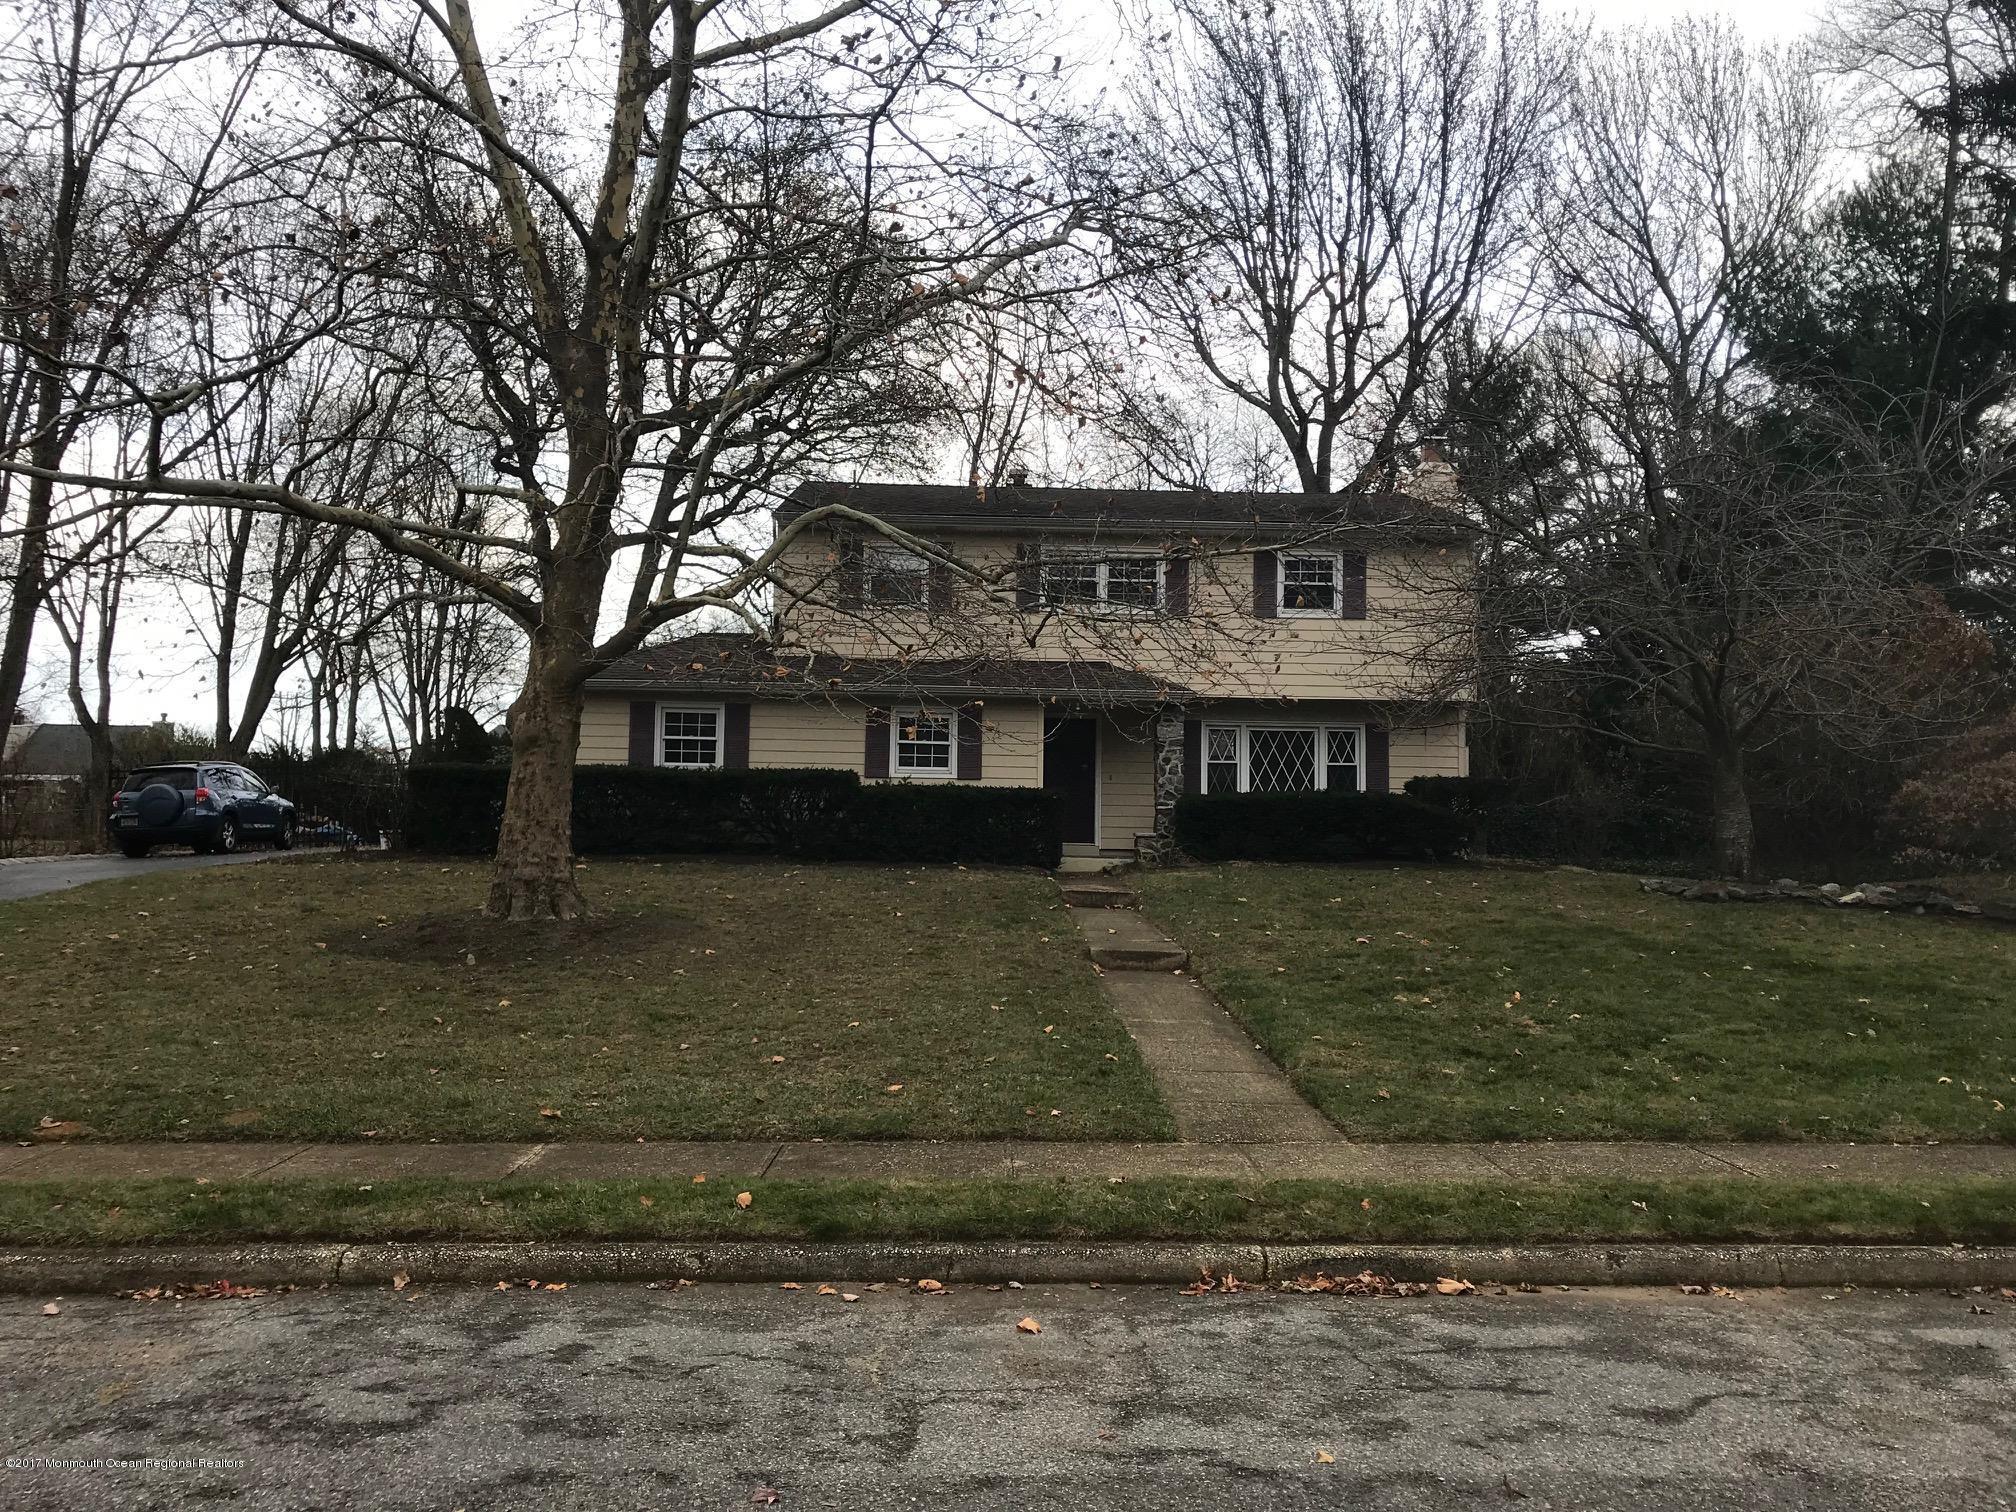 独户住宅 为 销售 在 32 Nautilus Drive 32 Nautilus Drive 莱昂纳多, 新泽西州 07737 美国